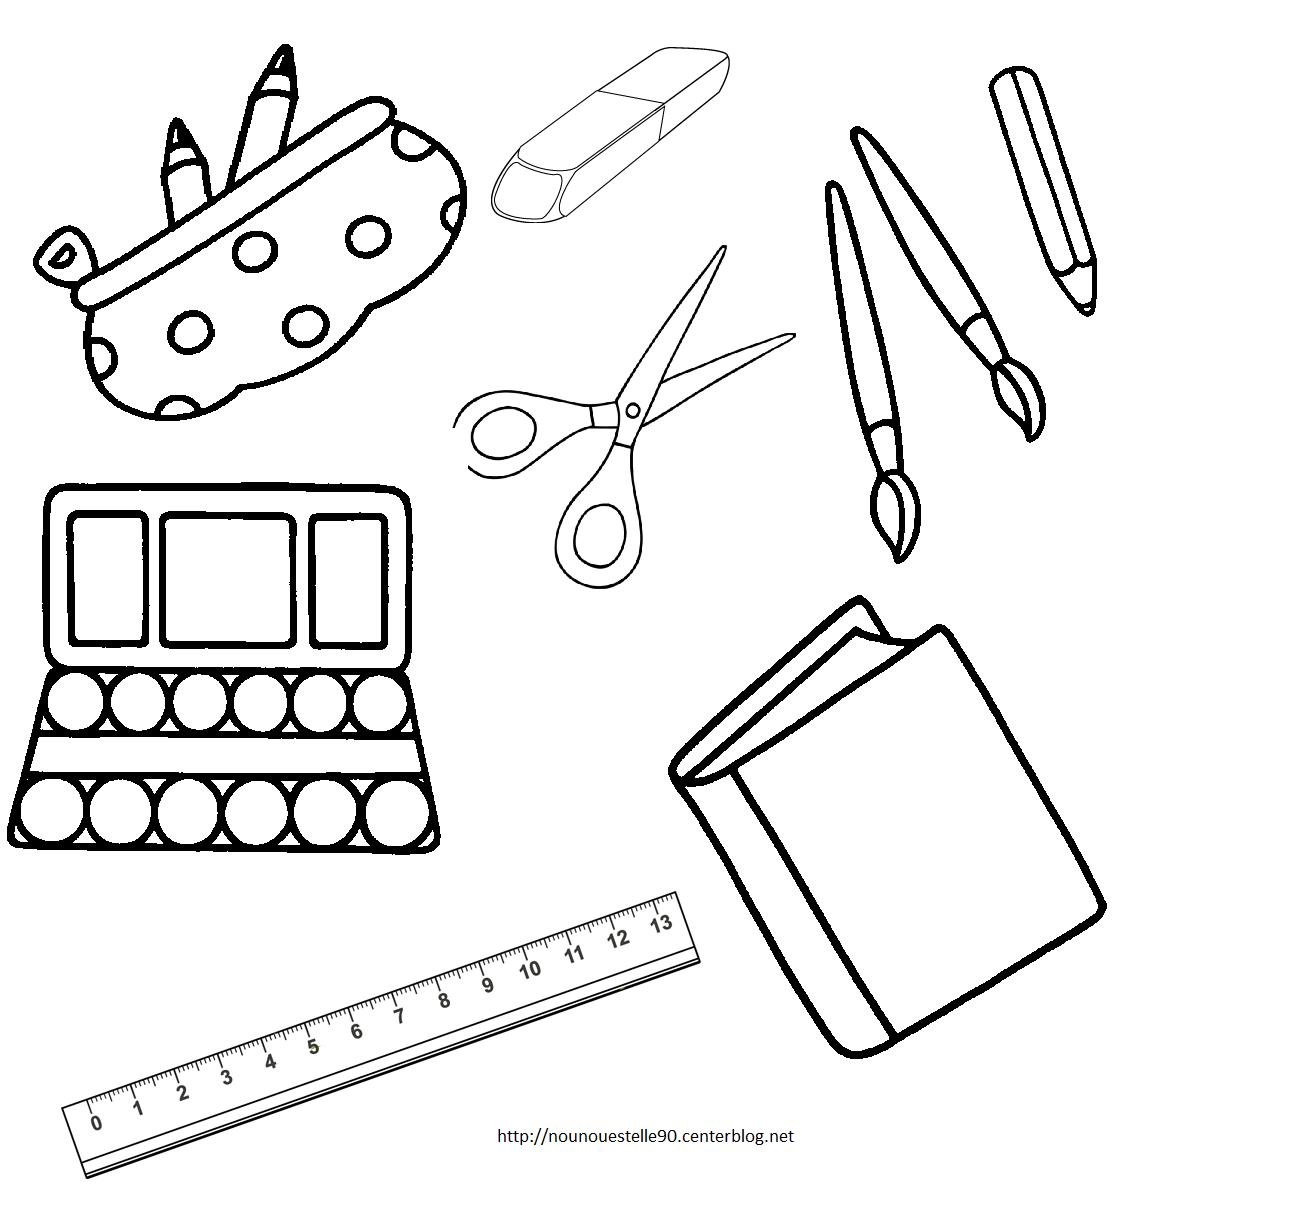 Fournitures scolaires pour le cartable colorier - Dessin d un cartable ...